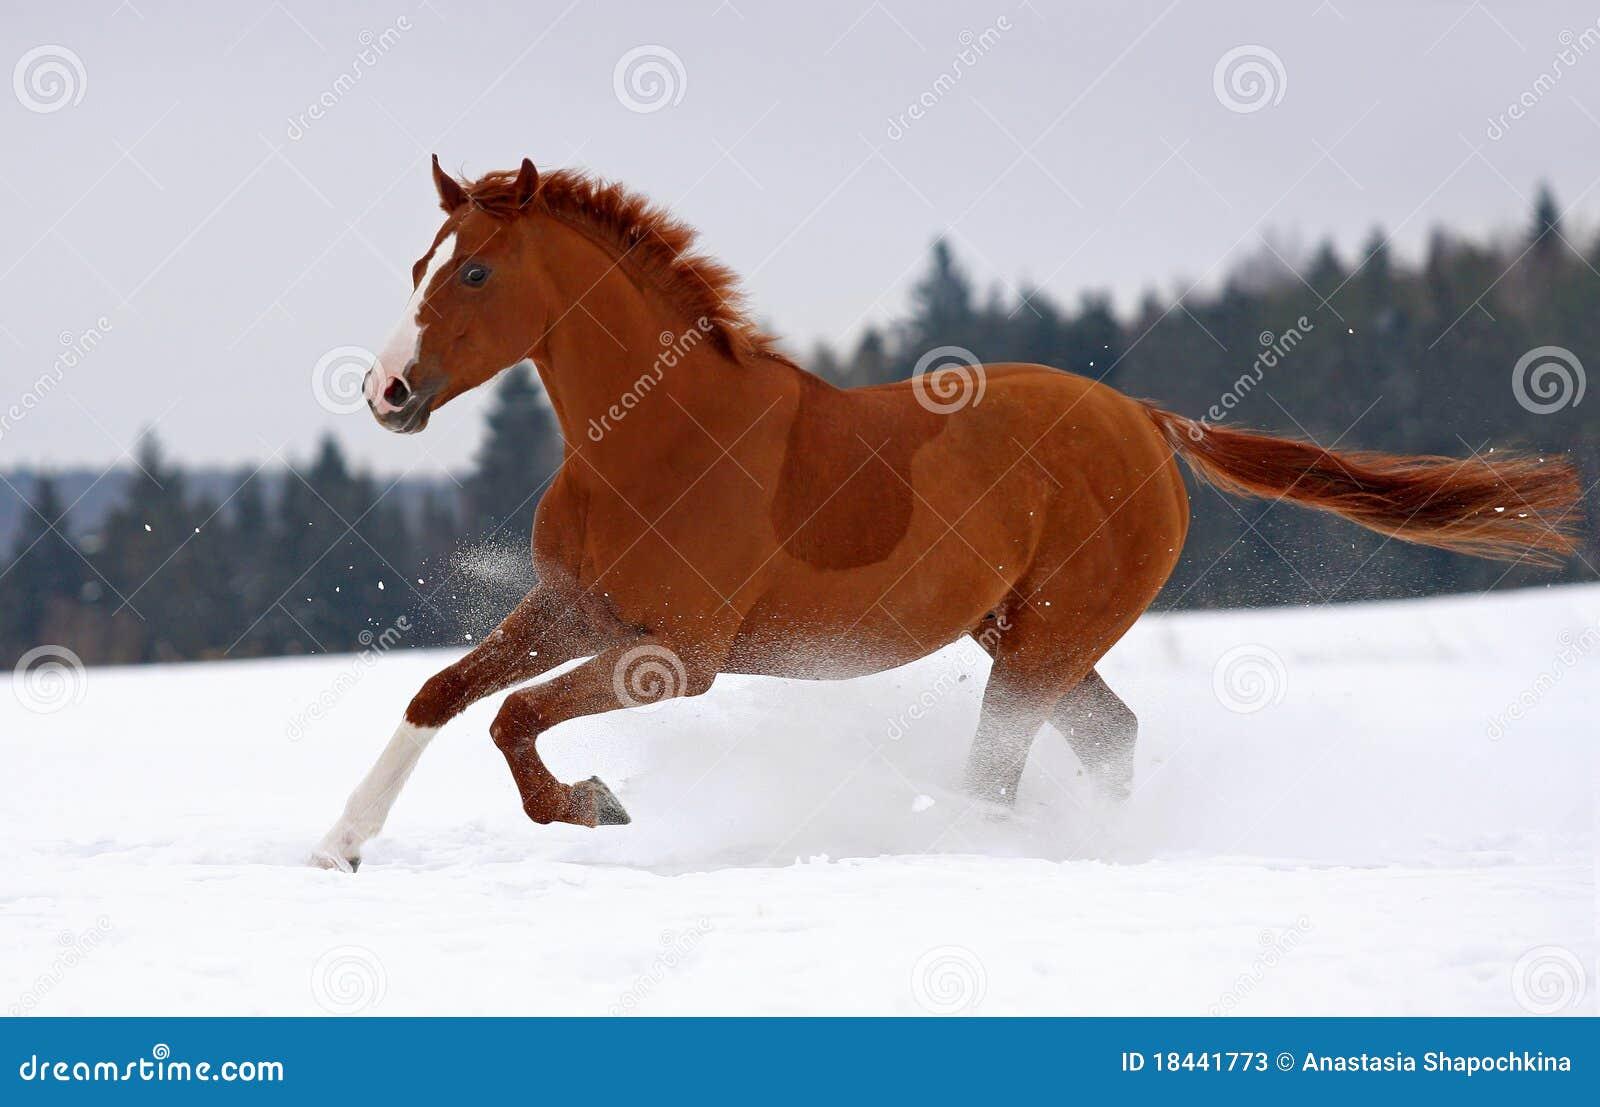 Galoppo del cavallo su neve immagine stock immagine for Sfondi cavalli gratis